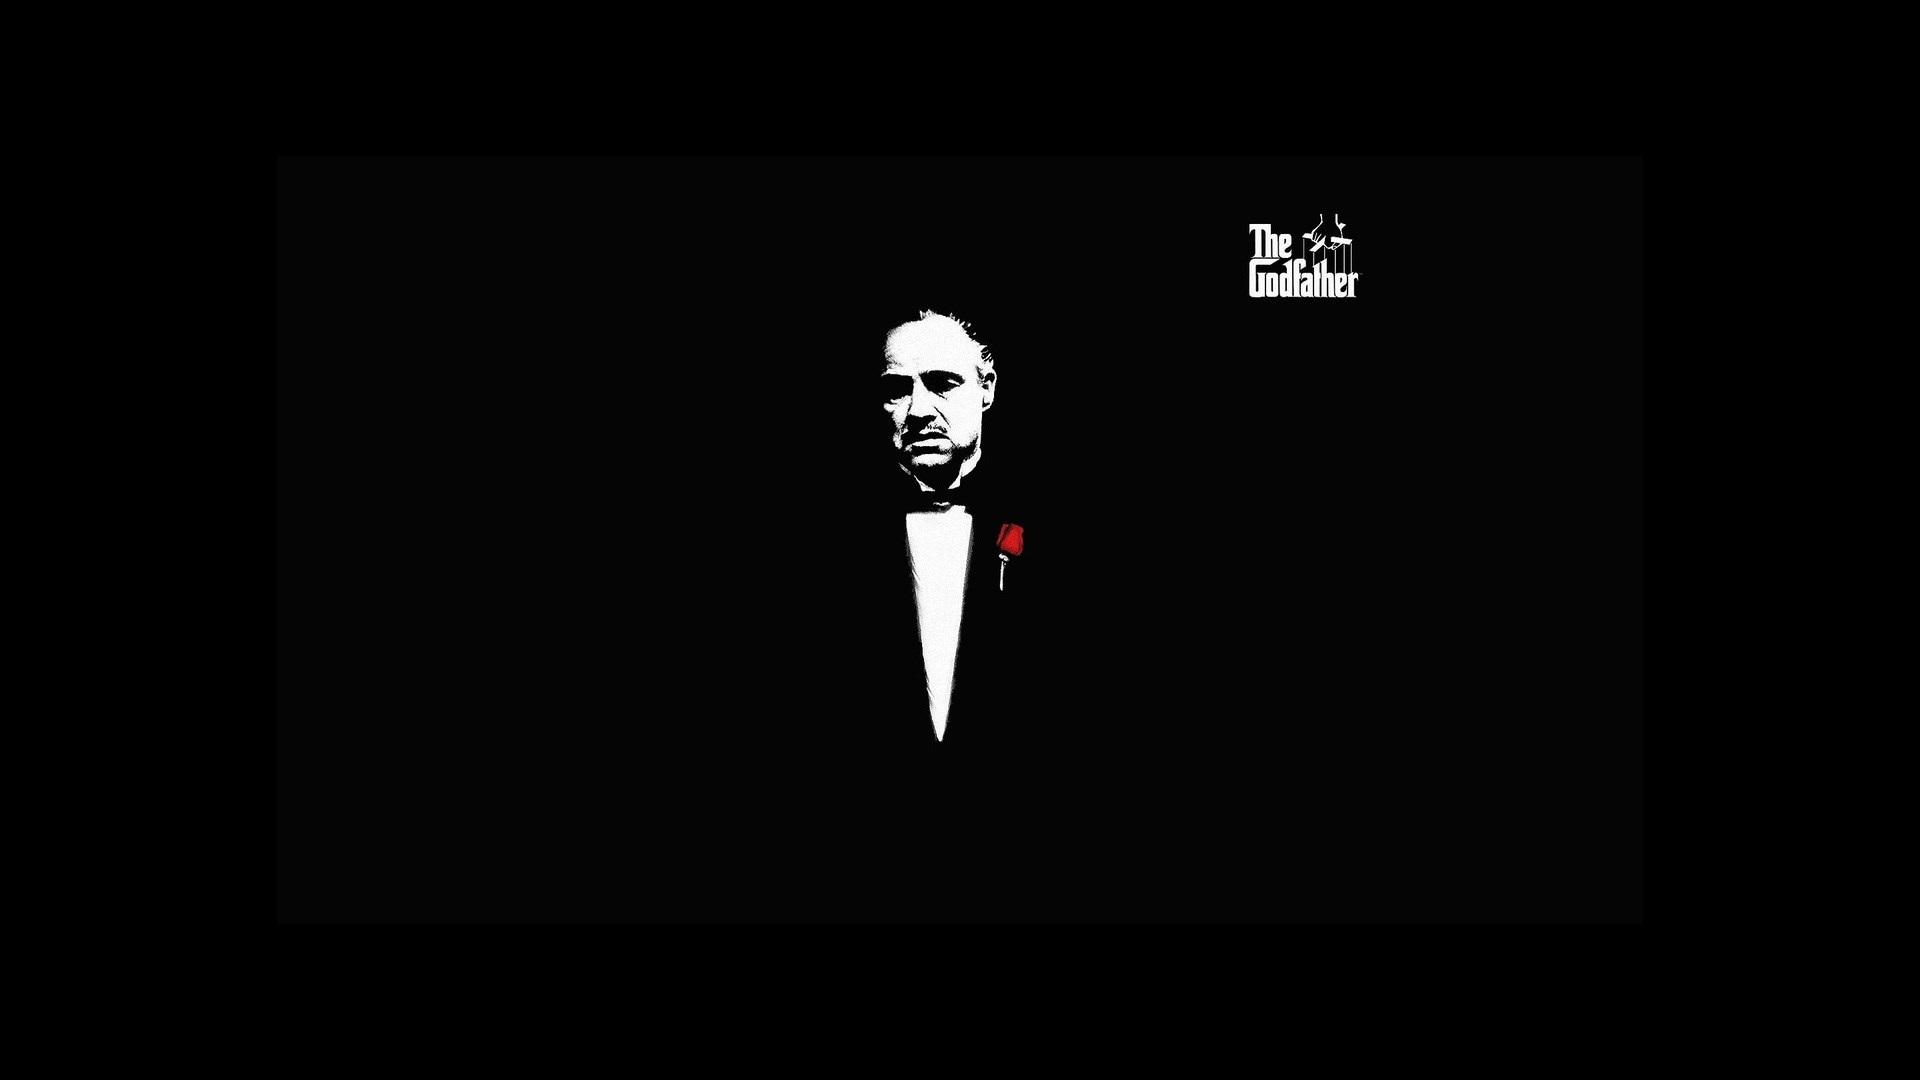 Godfather black